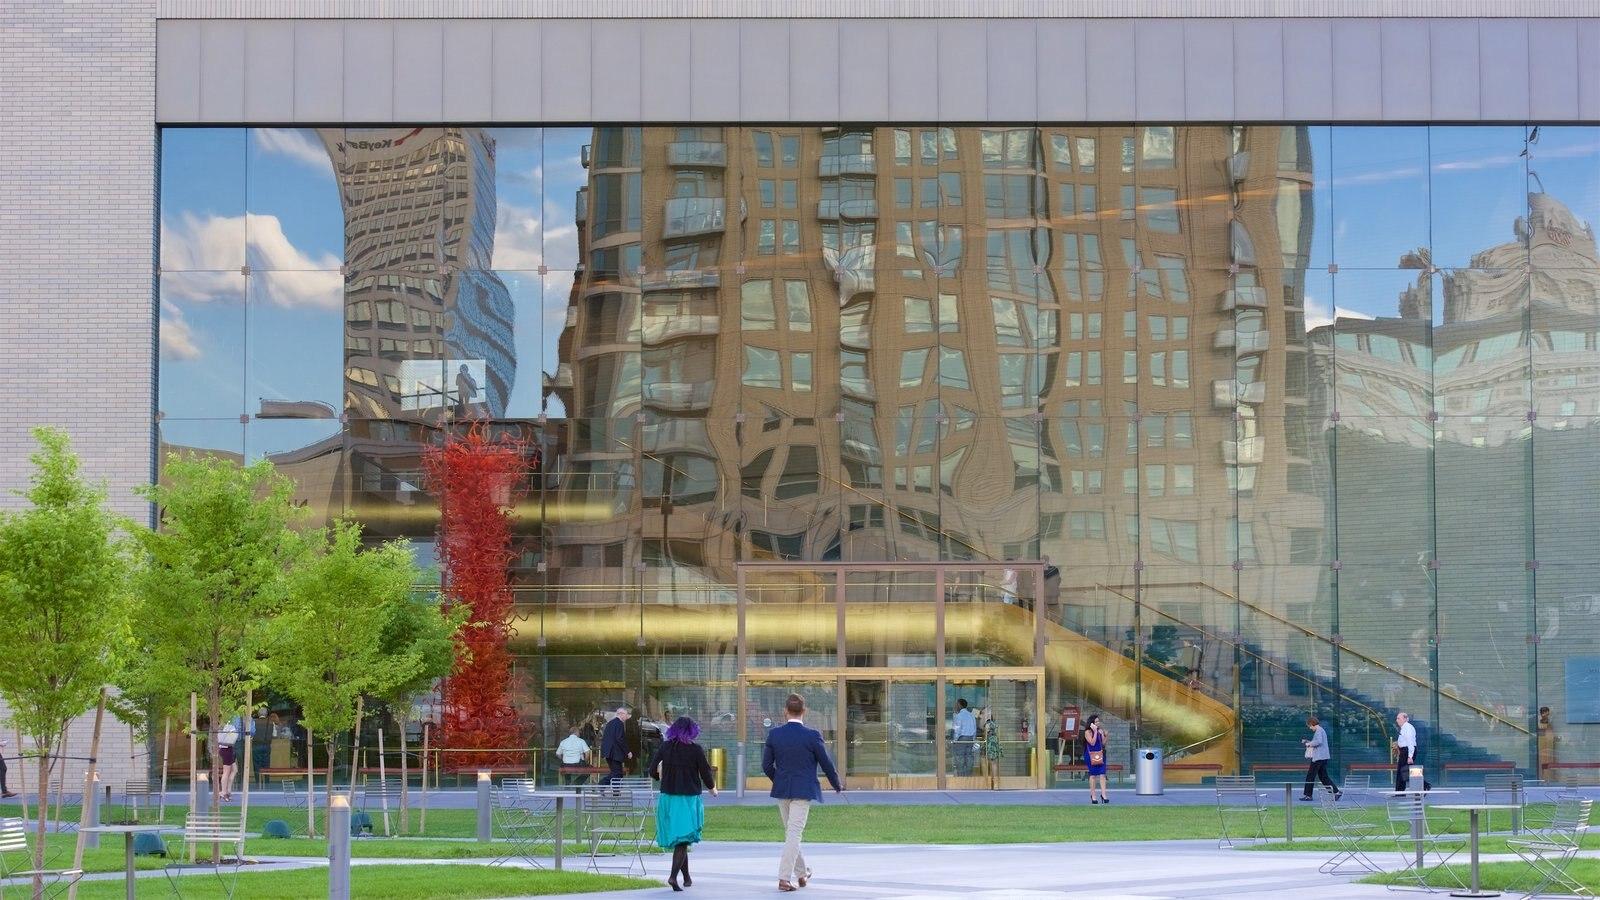 Salt Lake City que inclui arquitetura moderna e um parque